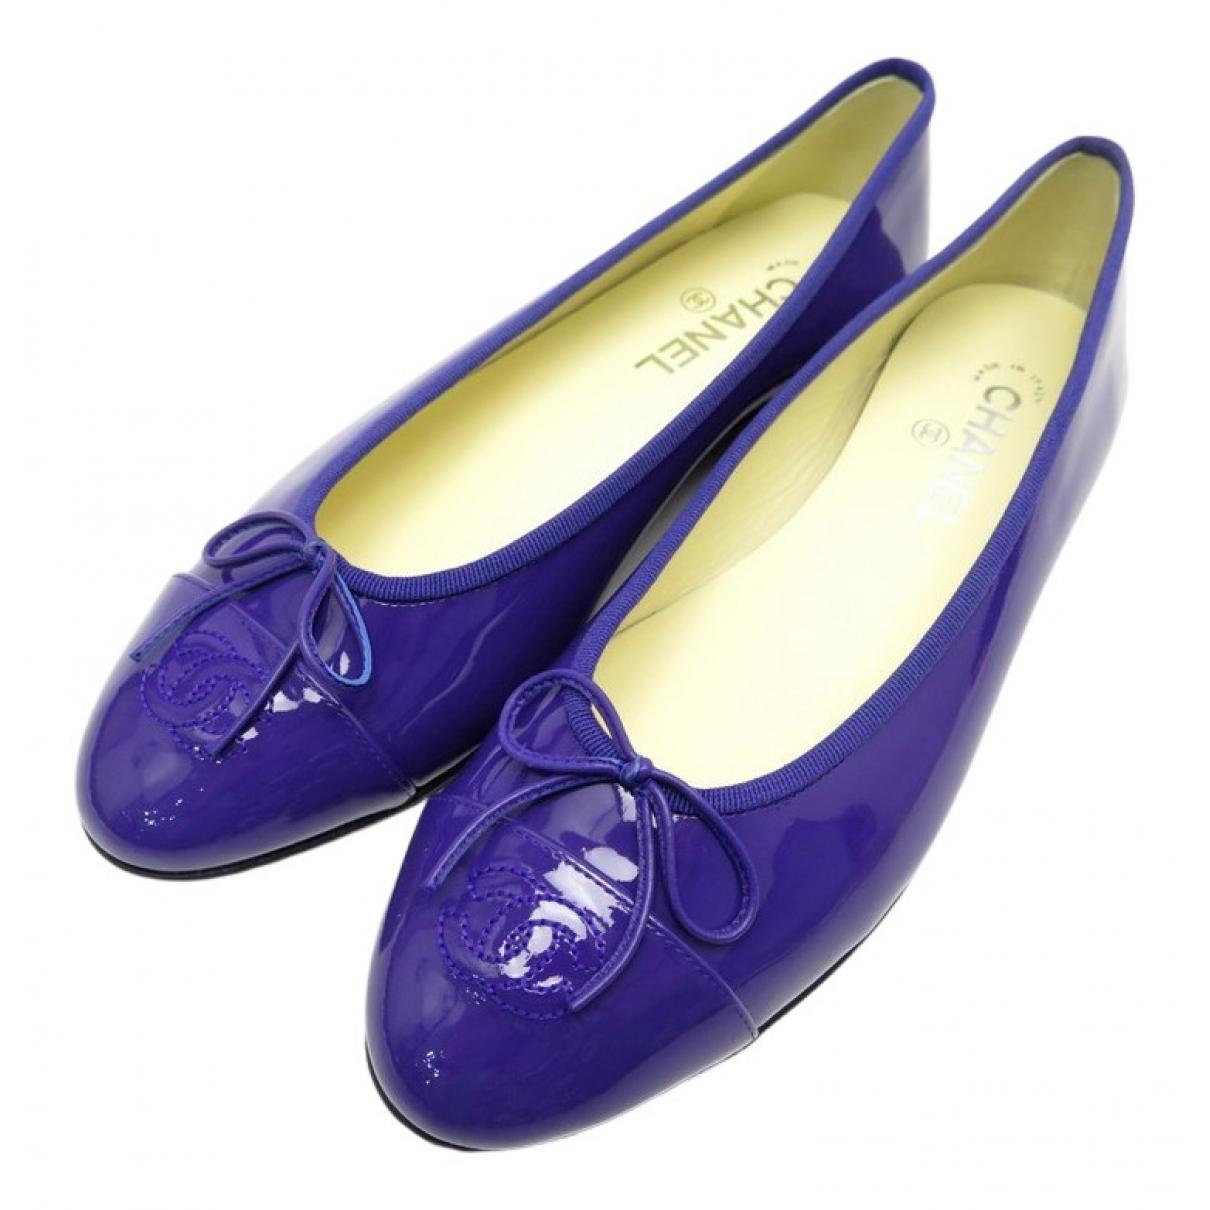 Chanel - Ballerines   pour femme en cuir verni - violet